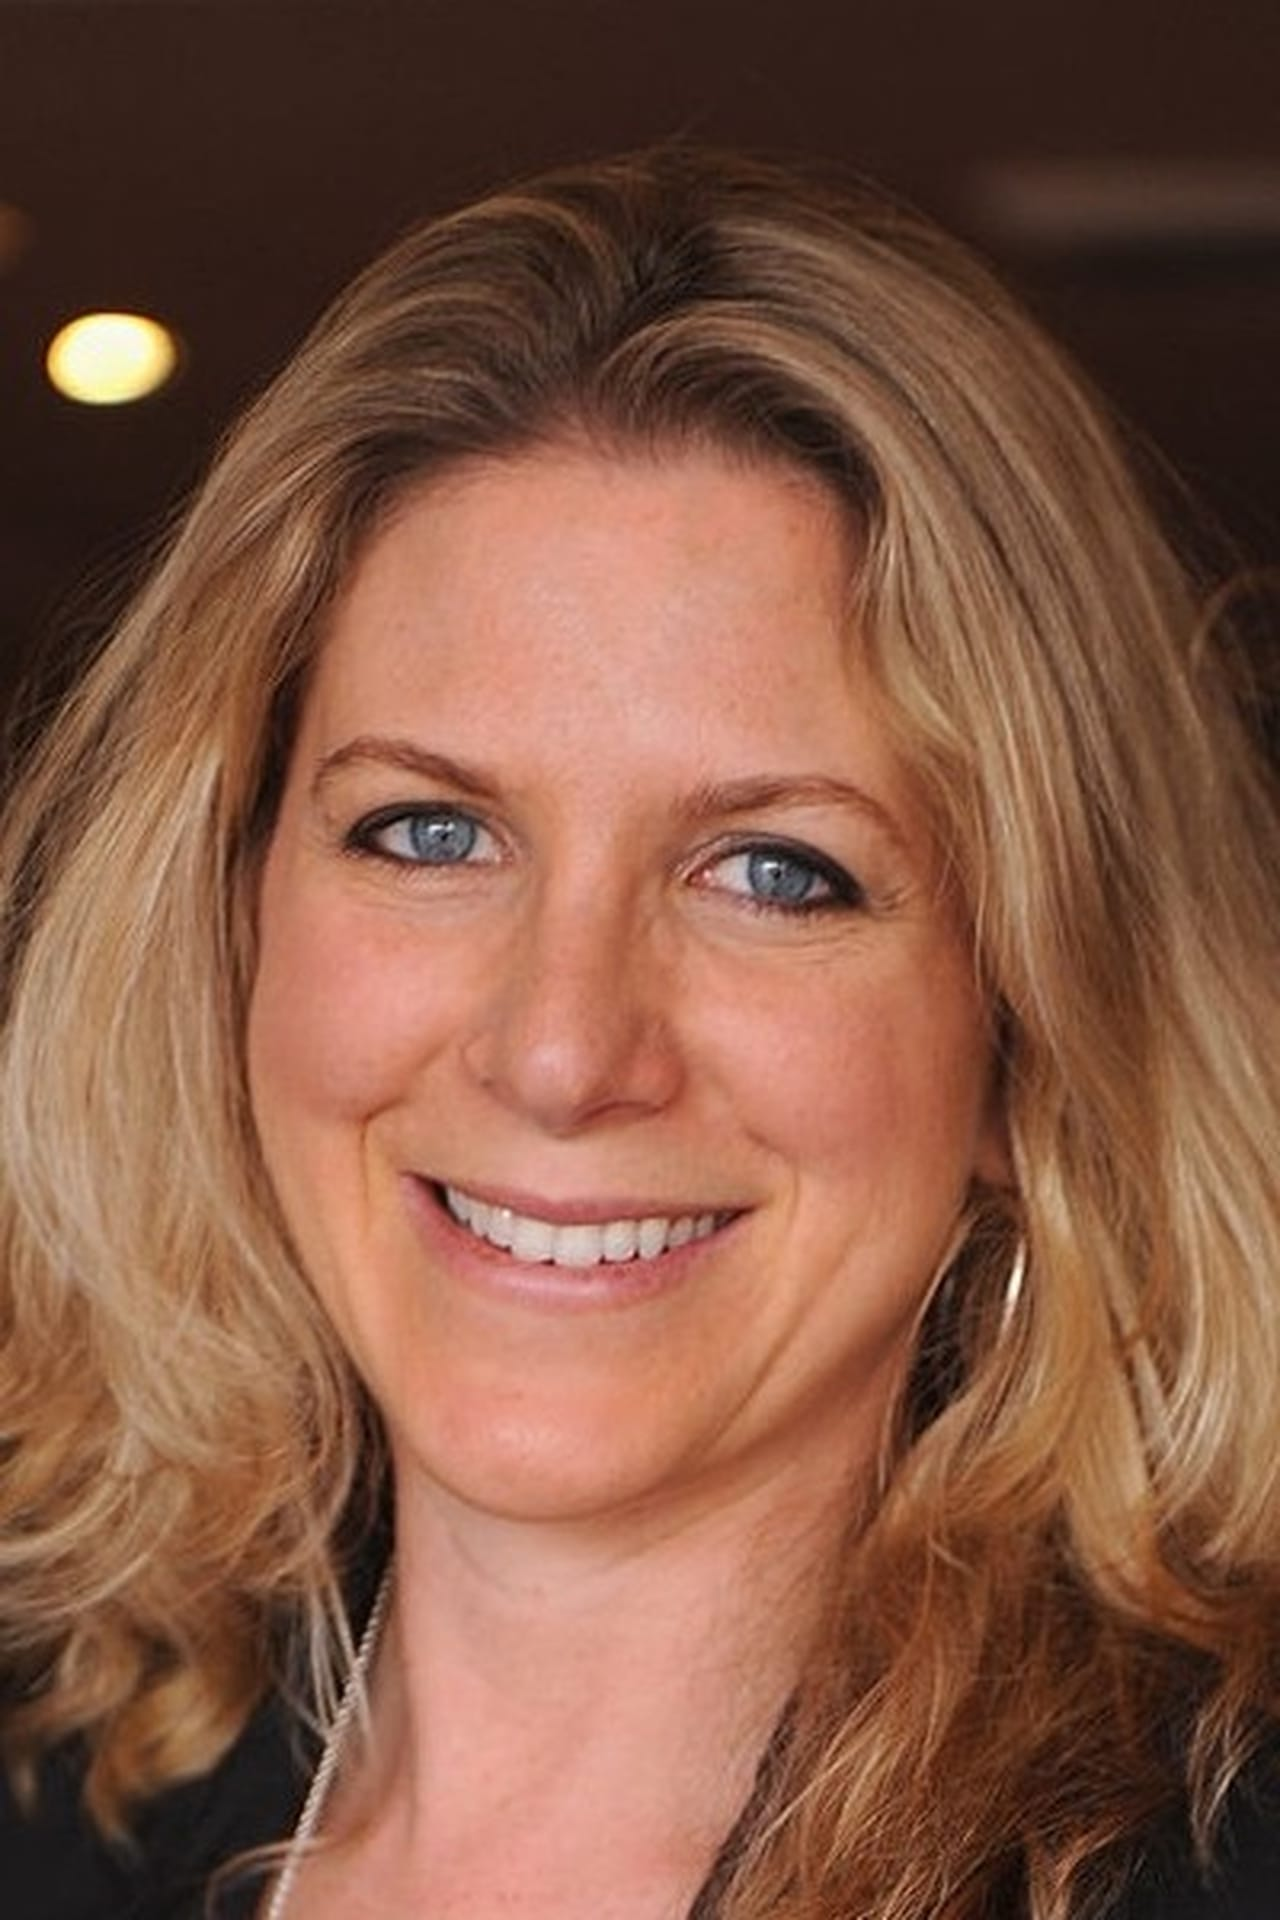 Vanessa Berlowitz